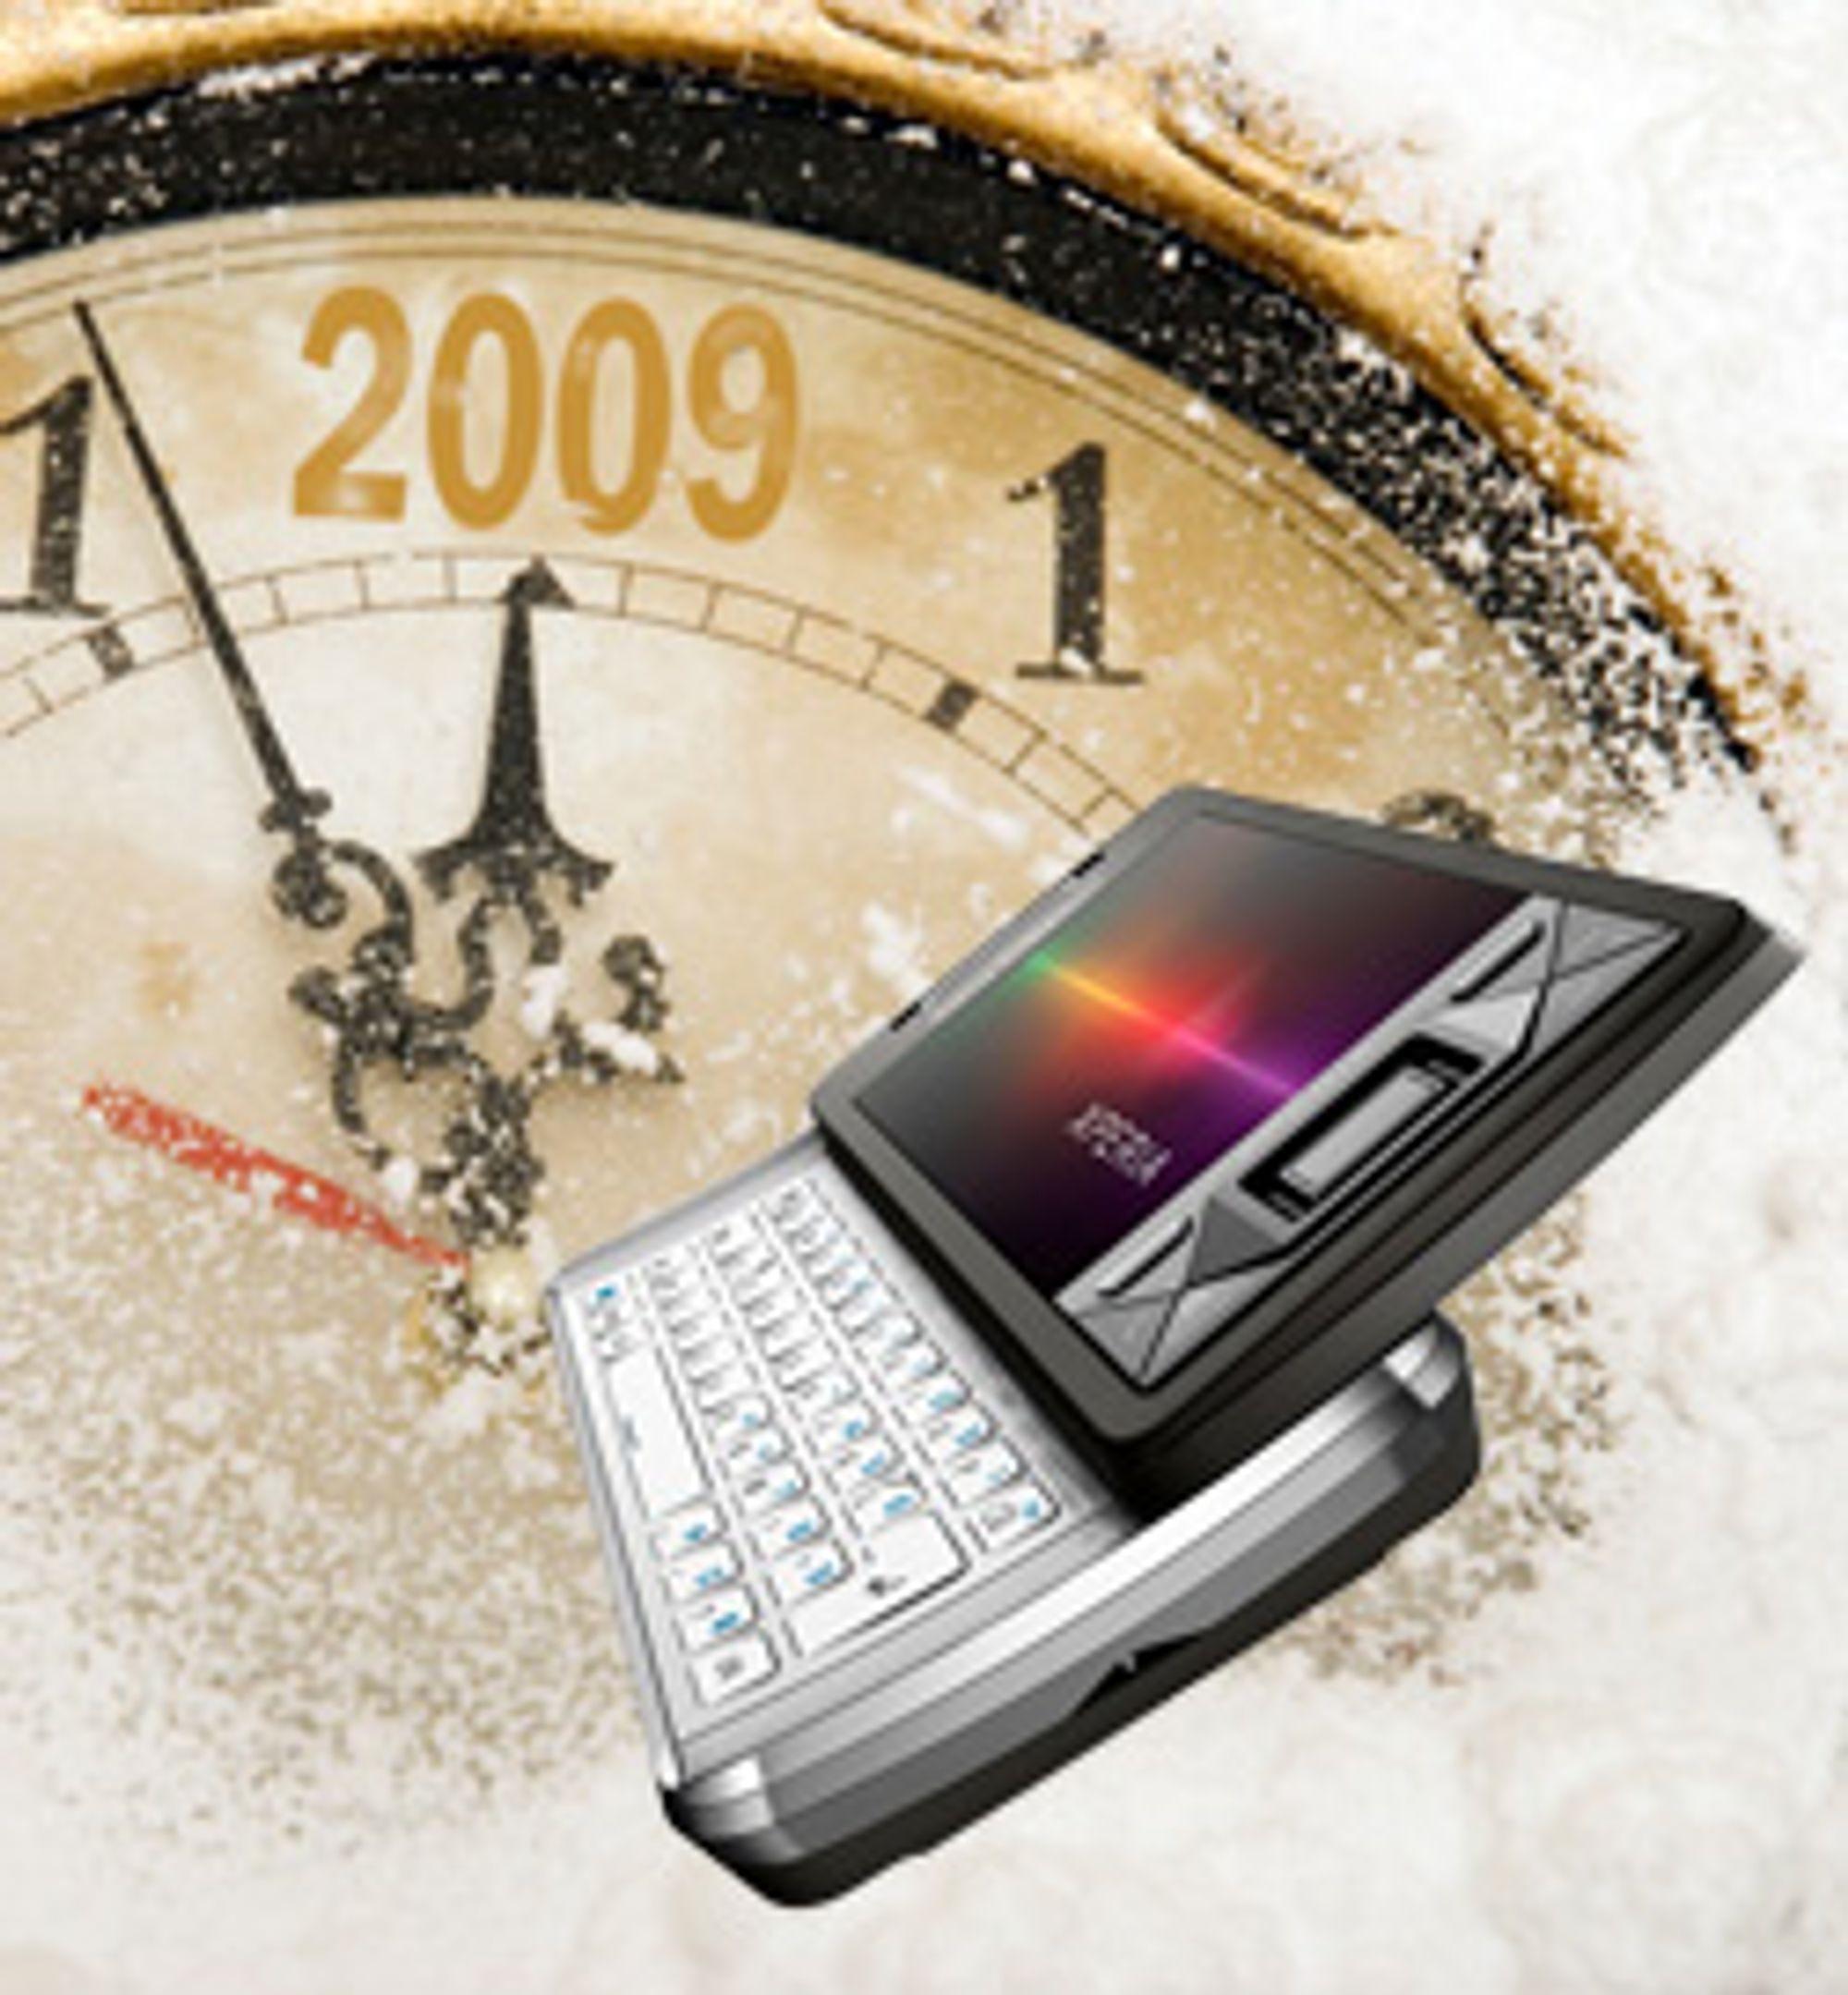 Mobilnettene hadde rekordmye SMS-trafikk på nyttårsaften. (Foto: Sony Ericsson, Carmen Martínez Banús)